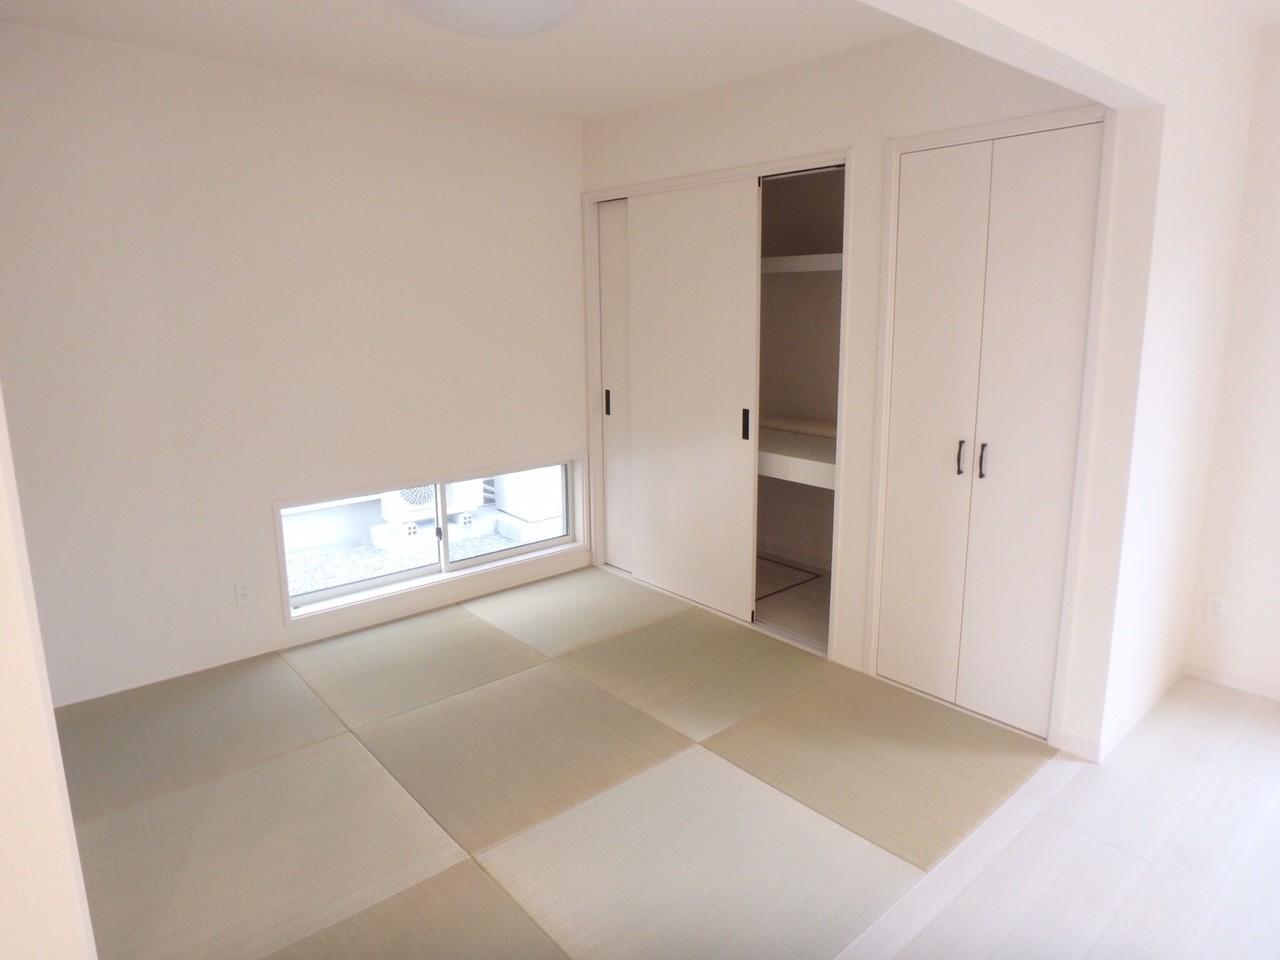 和室はリビングの雰囲気を損なわない琉球畳です。大容量収納で1階の整理整頓もバッチリです♪